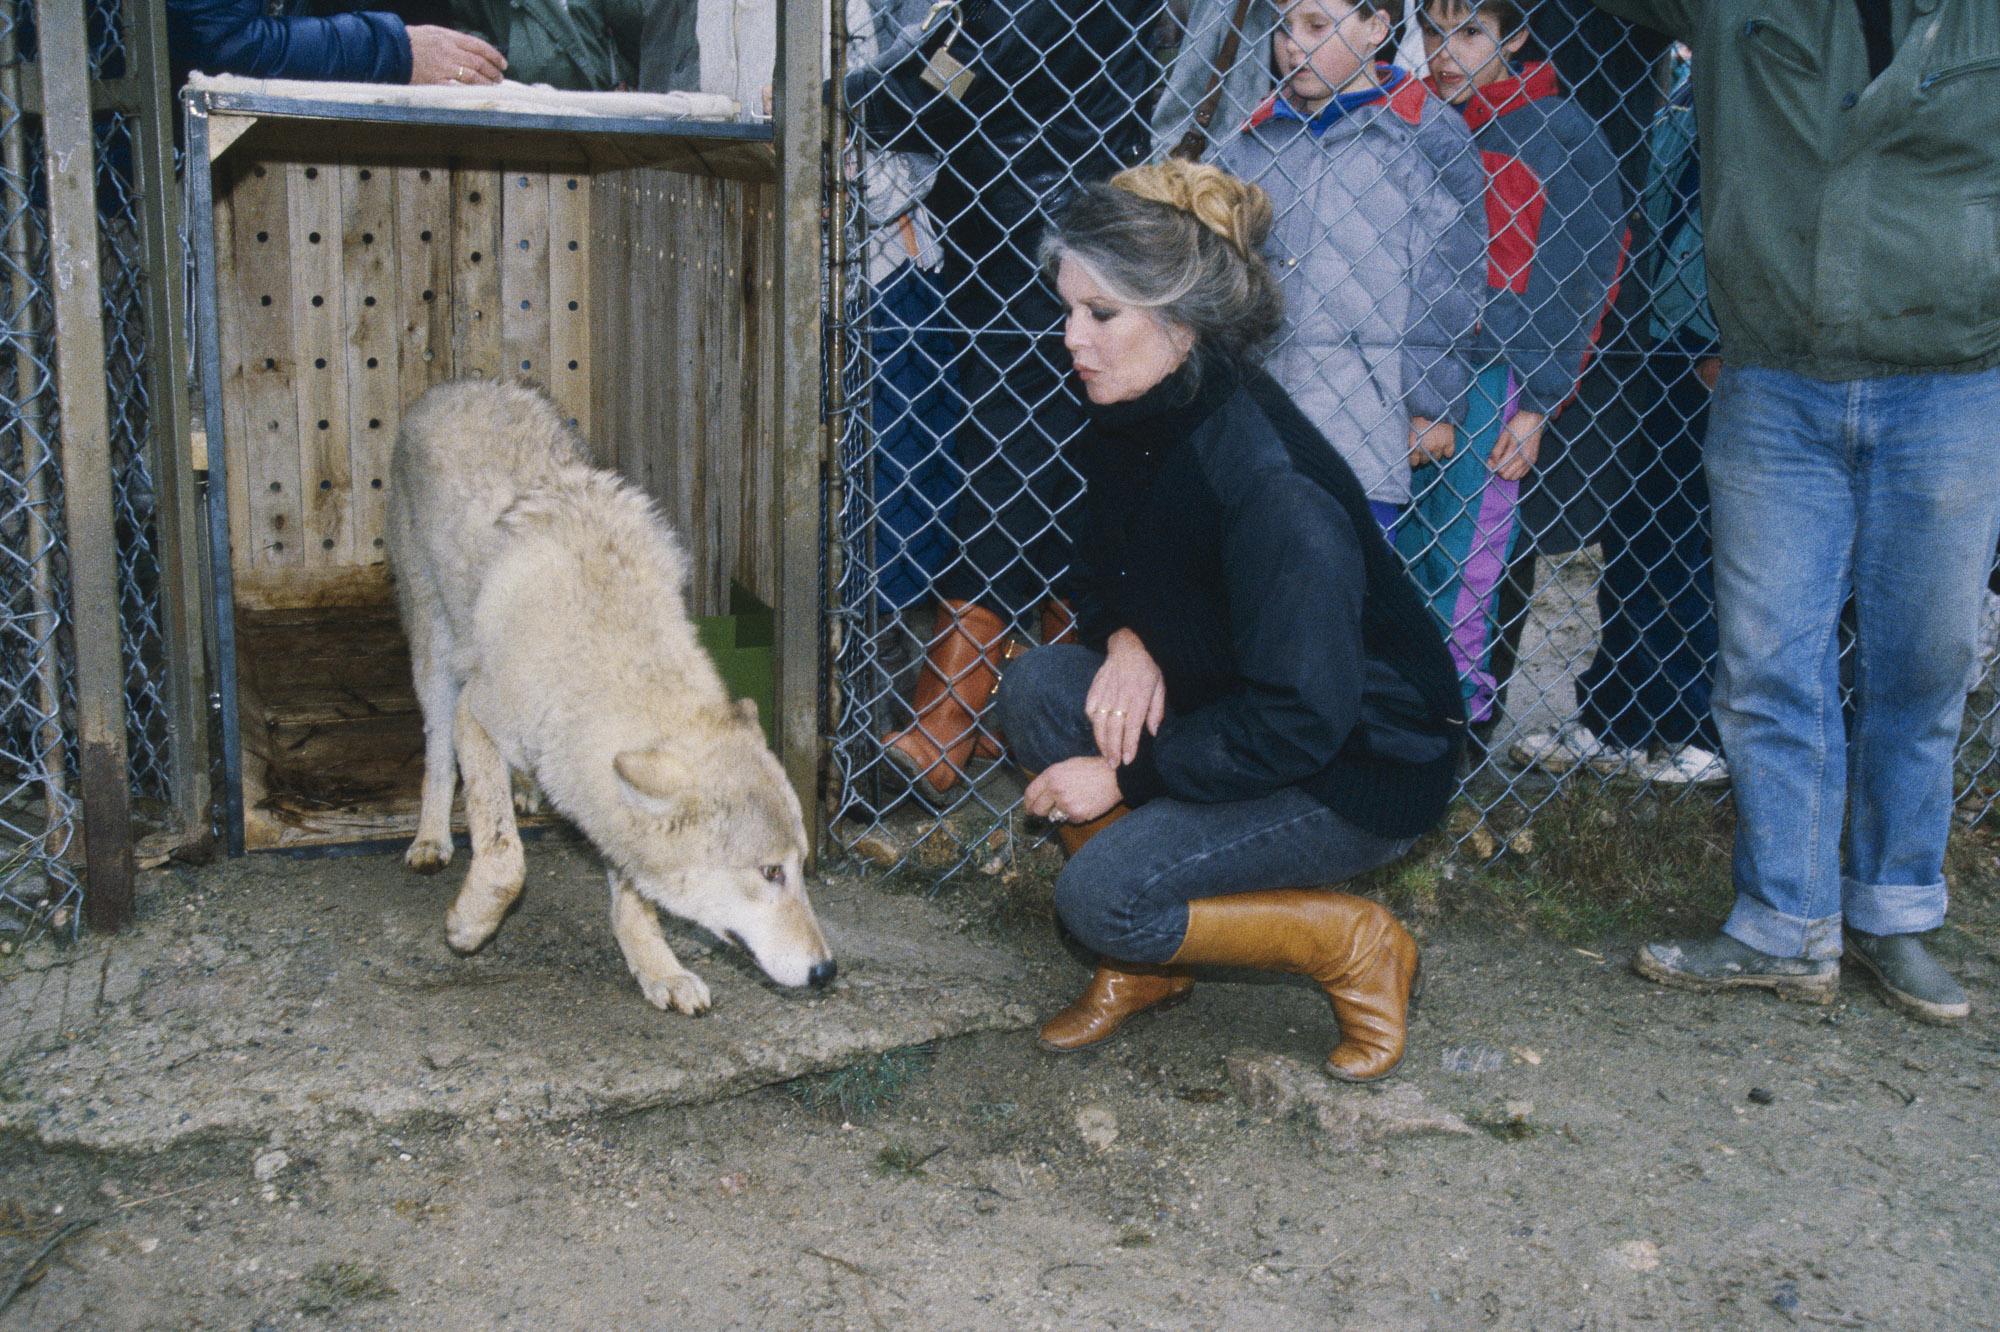 """Brigitte BARDOT installe dans le parc animalier de Marvejols, ‡ Sainte-Lucie, en LozËre, 80 loups qui croupissaient dans un zoo de Budapest en Hongrie. Ici, elle dÈlivre la louve """"Ma Mie"""" de sa cage, ‡ son arrivÈe dans le parc. Mars 1991."""